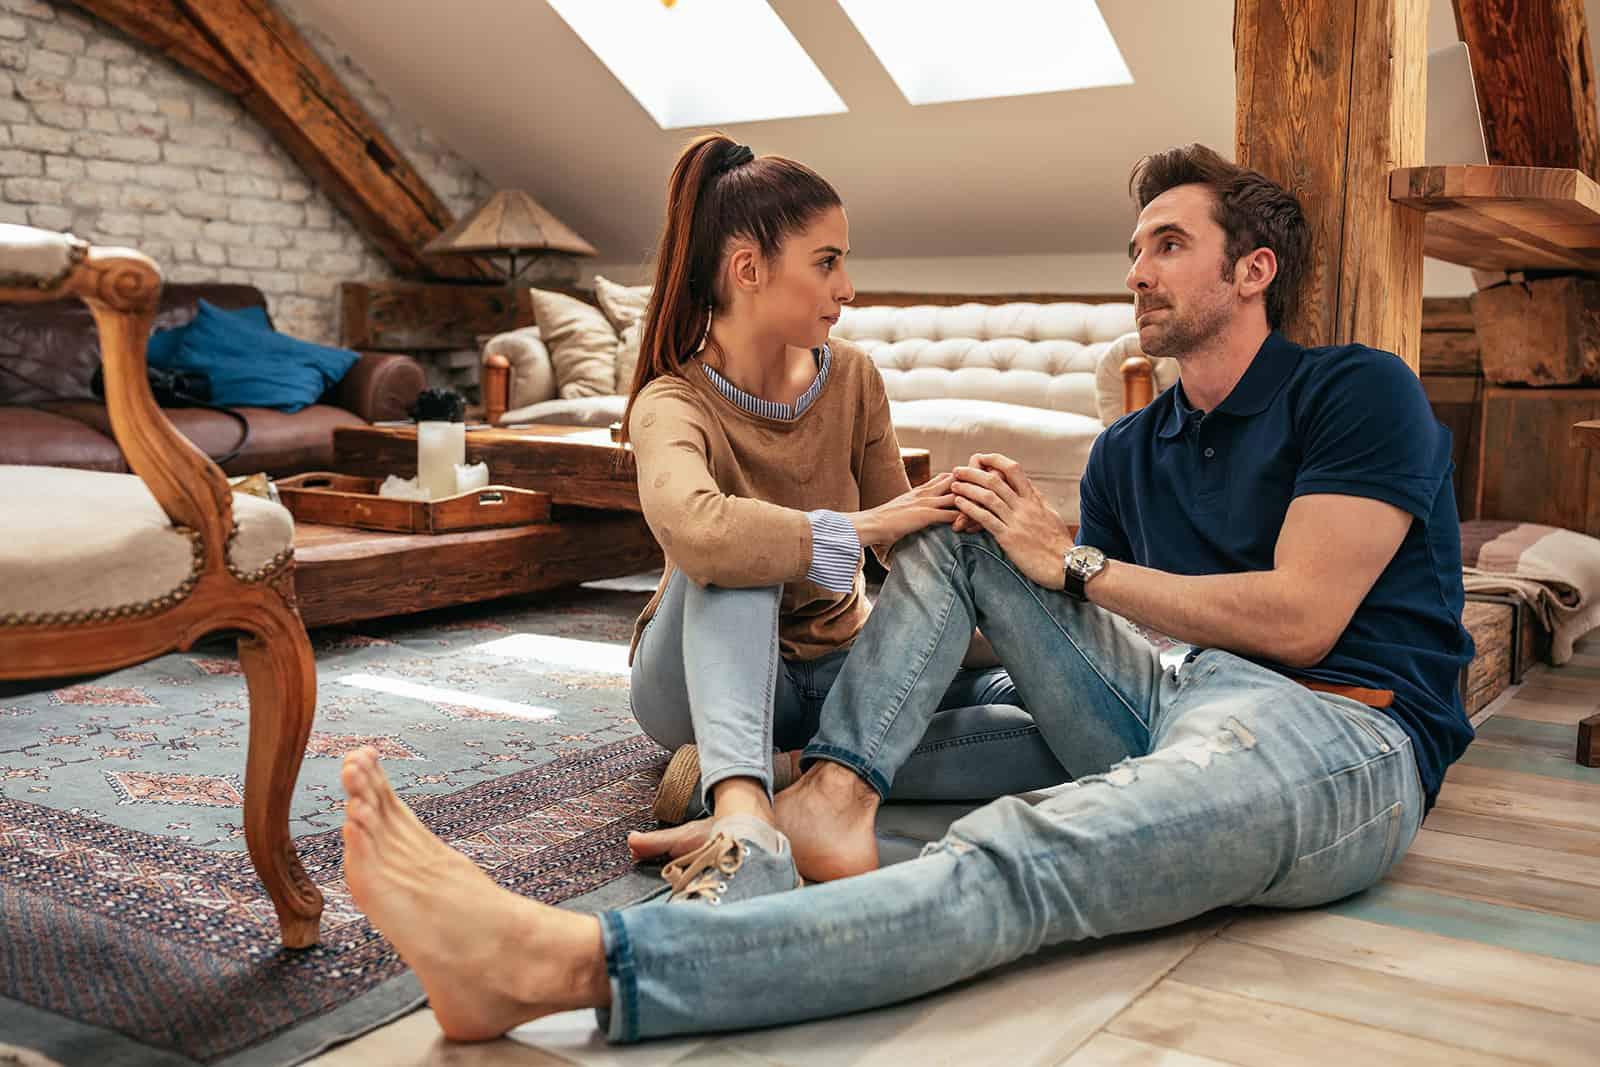 ein liebevolles Paar, das auf dem Boden sitzt und ein ehrliches Gespräch führt